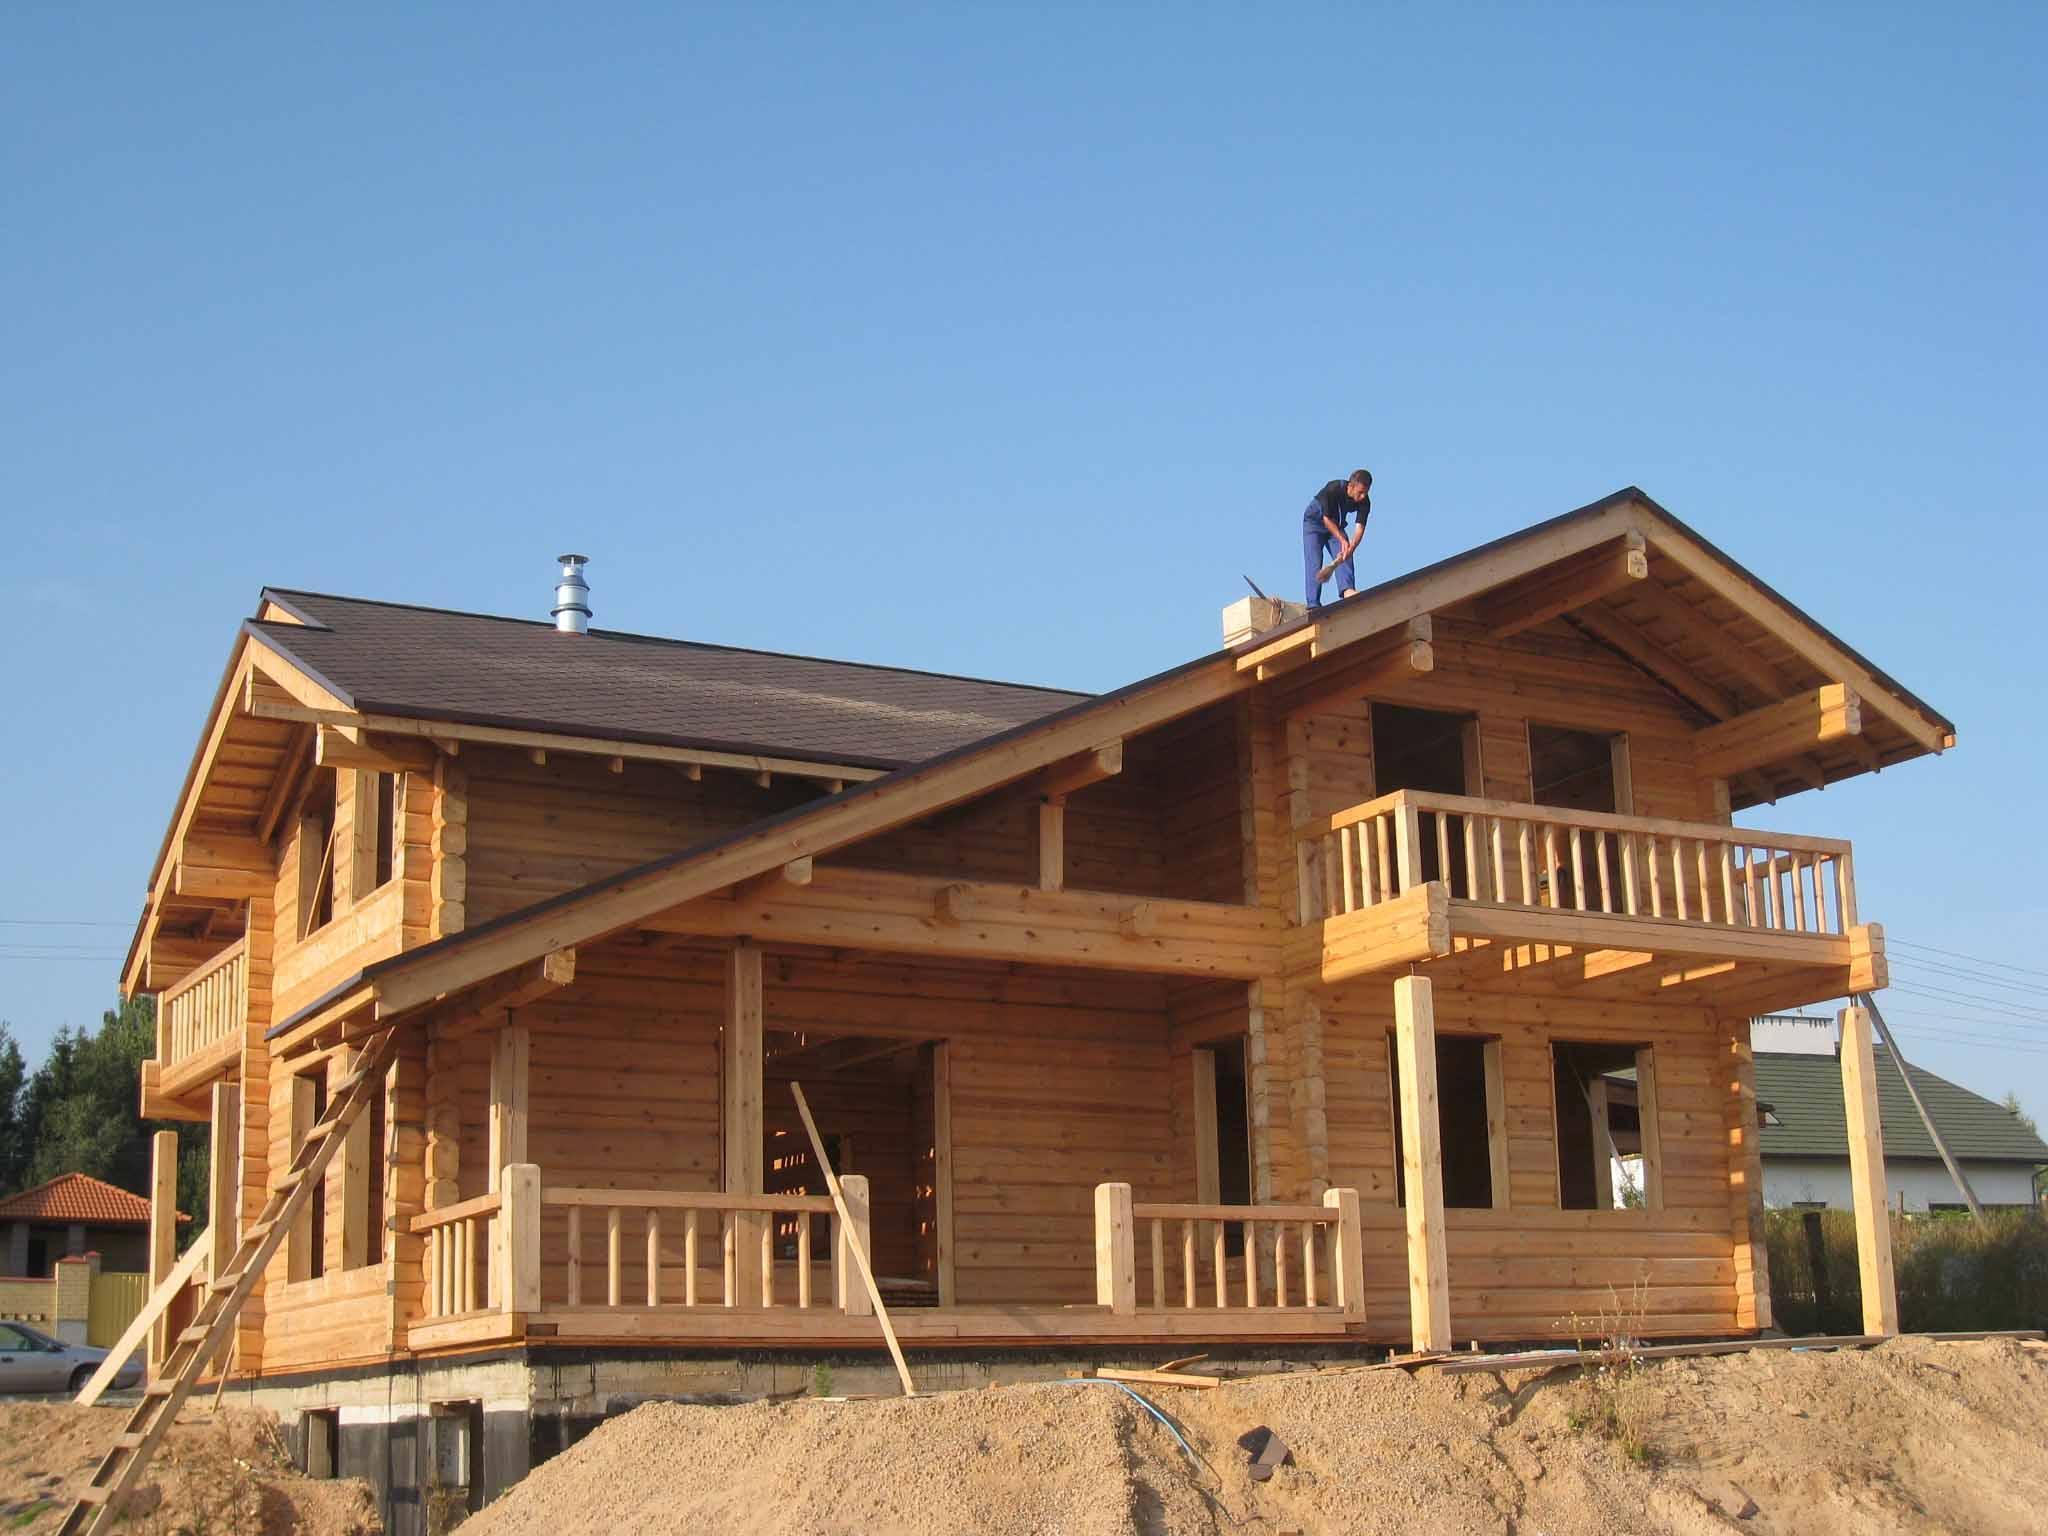 Dom drewniany z bali frezowanych sosna zwyczajna pinus - Construcciones de casas de madera ...